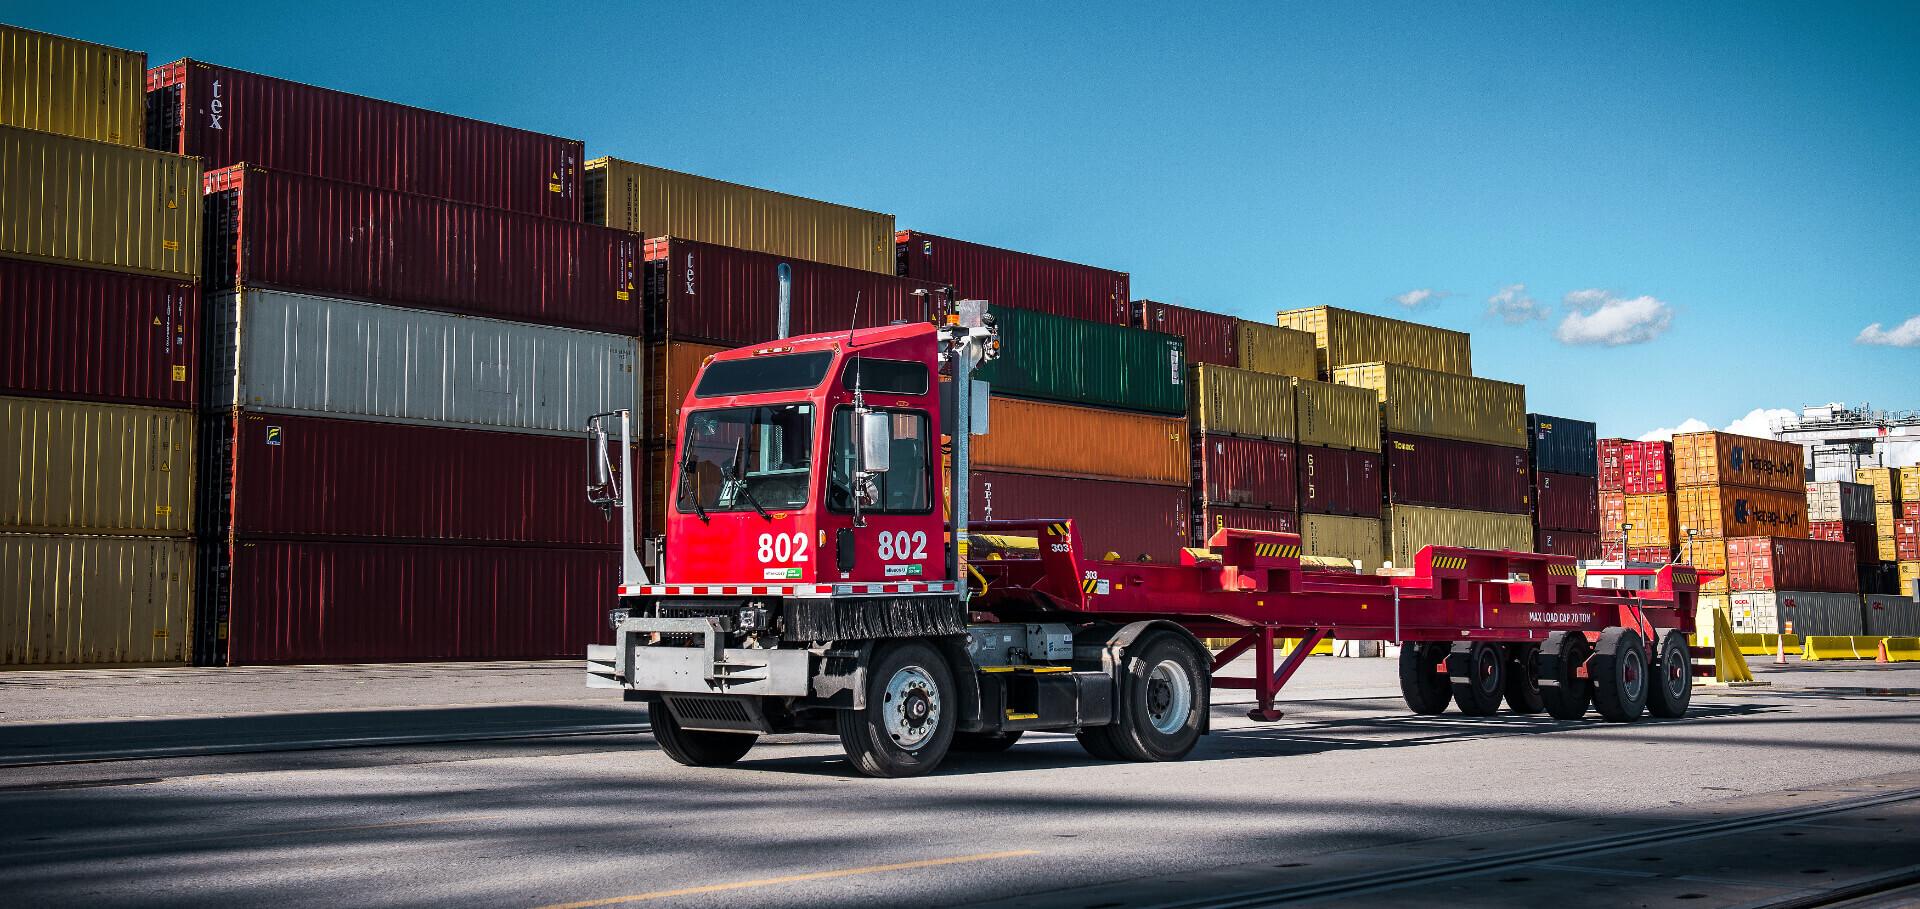 Effenco photo camion